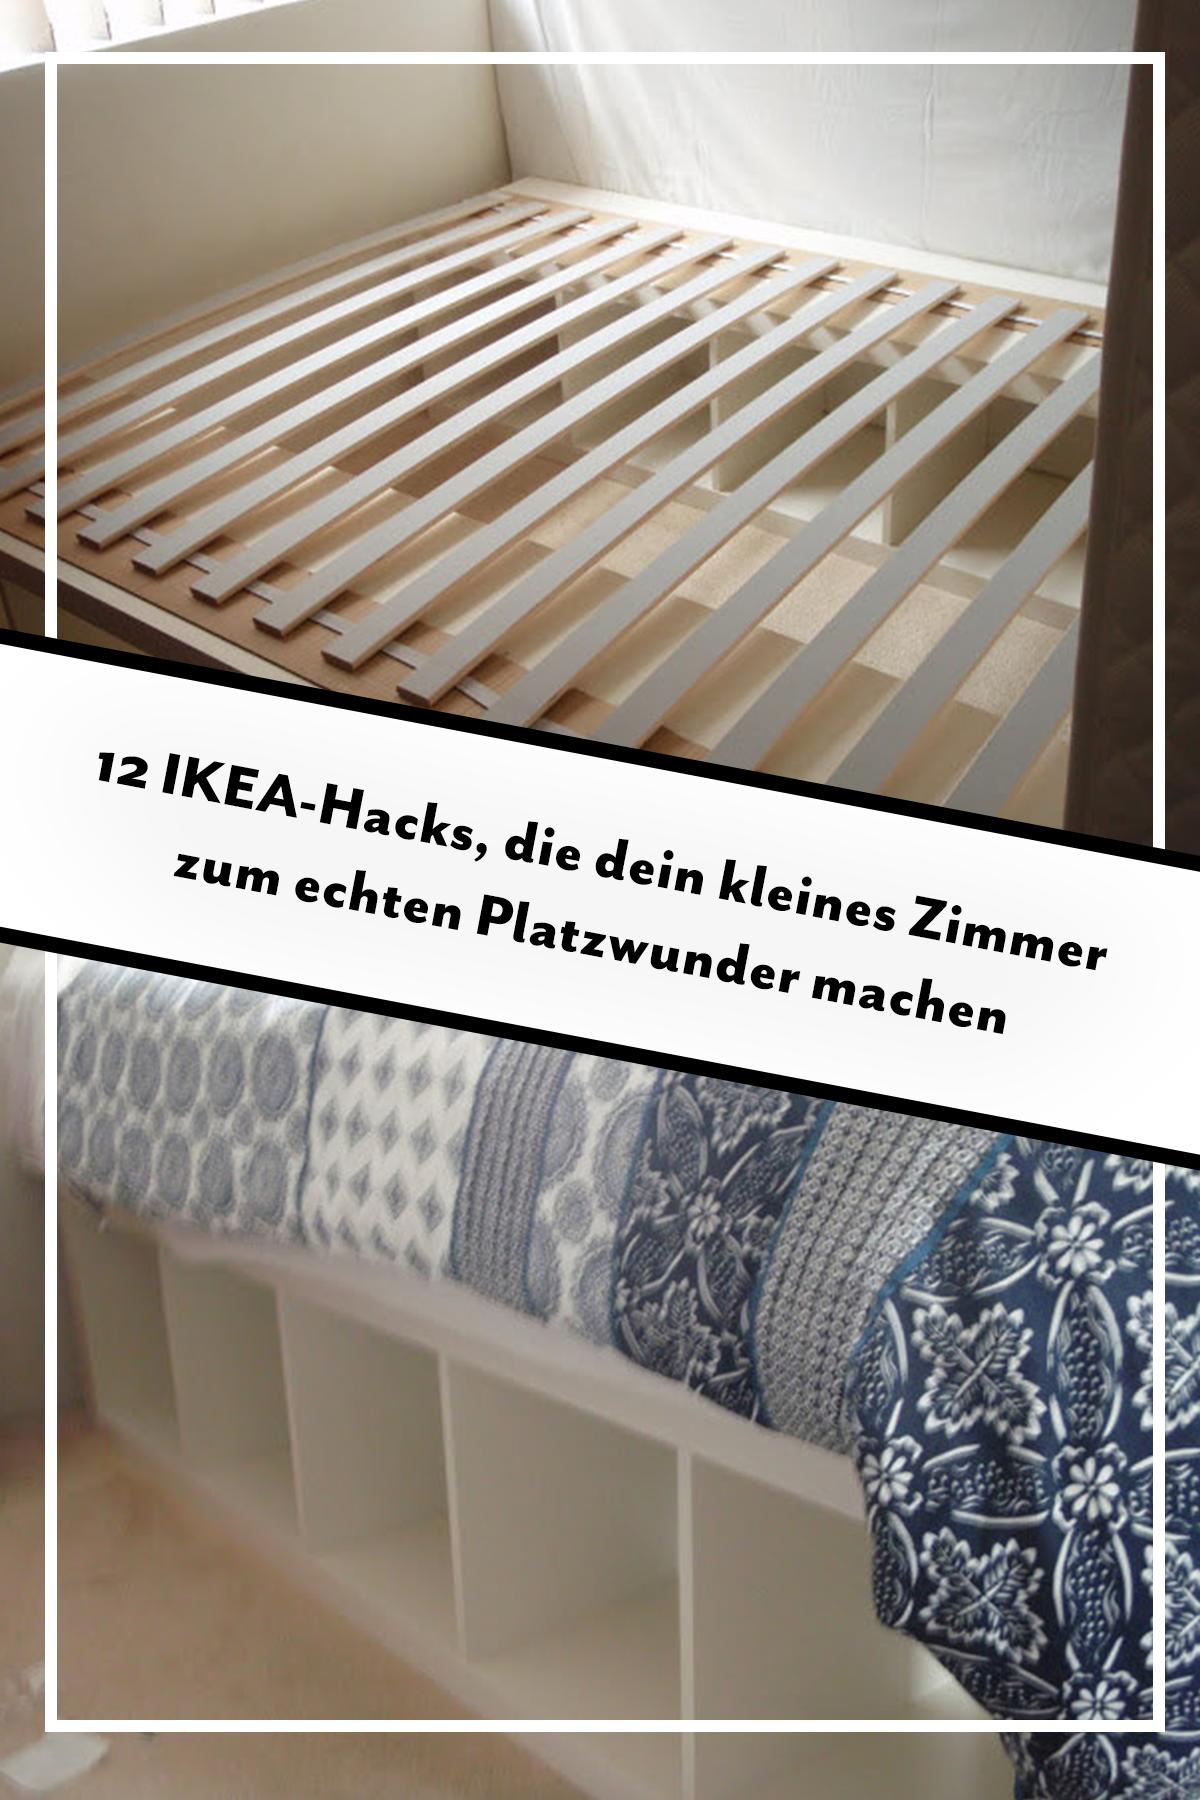 Full Size of 12 Ikea Hacks Betten 160x200 Miniküche Küche Kosten Kaufen Bei Aufbewahrungsbehälter Modulküche Sofa Mit Schlaffunktion Aufbewahrung Aufbewahrungsbox Wohnzimmer Ikea Hacks Aufbewahrung